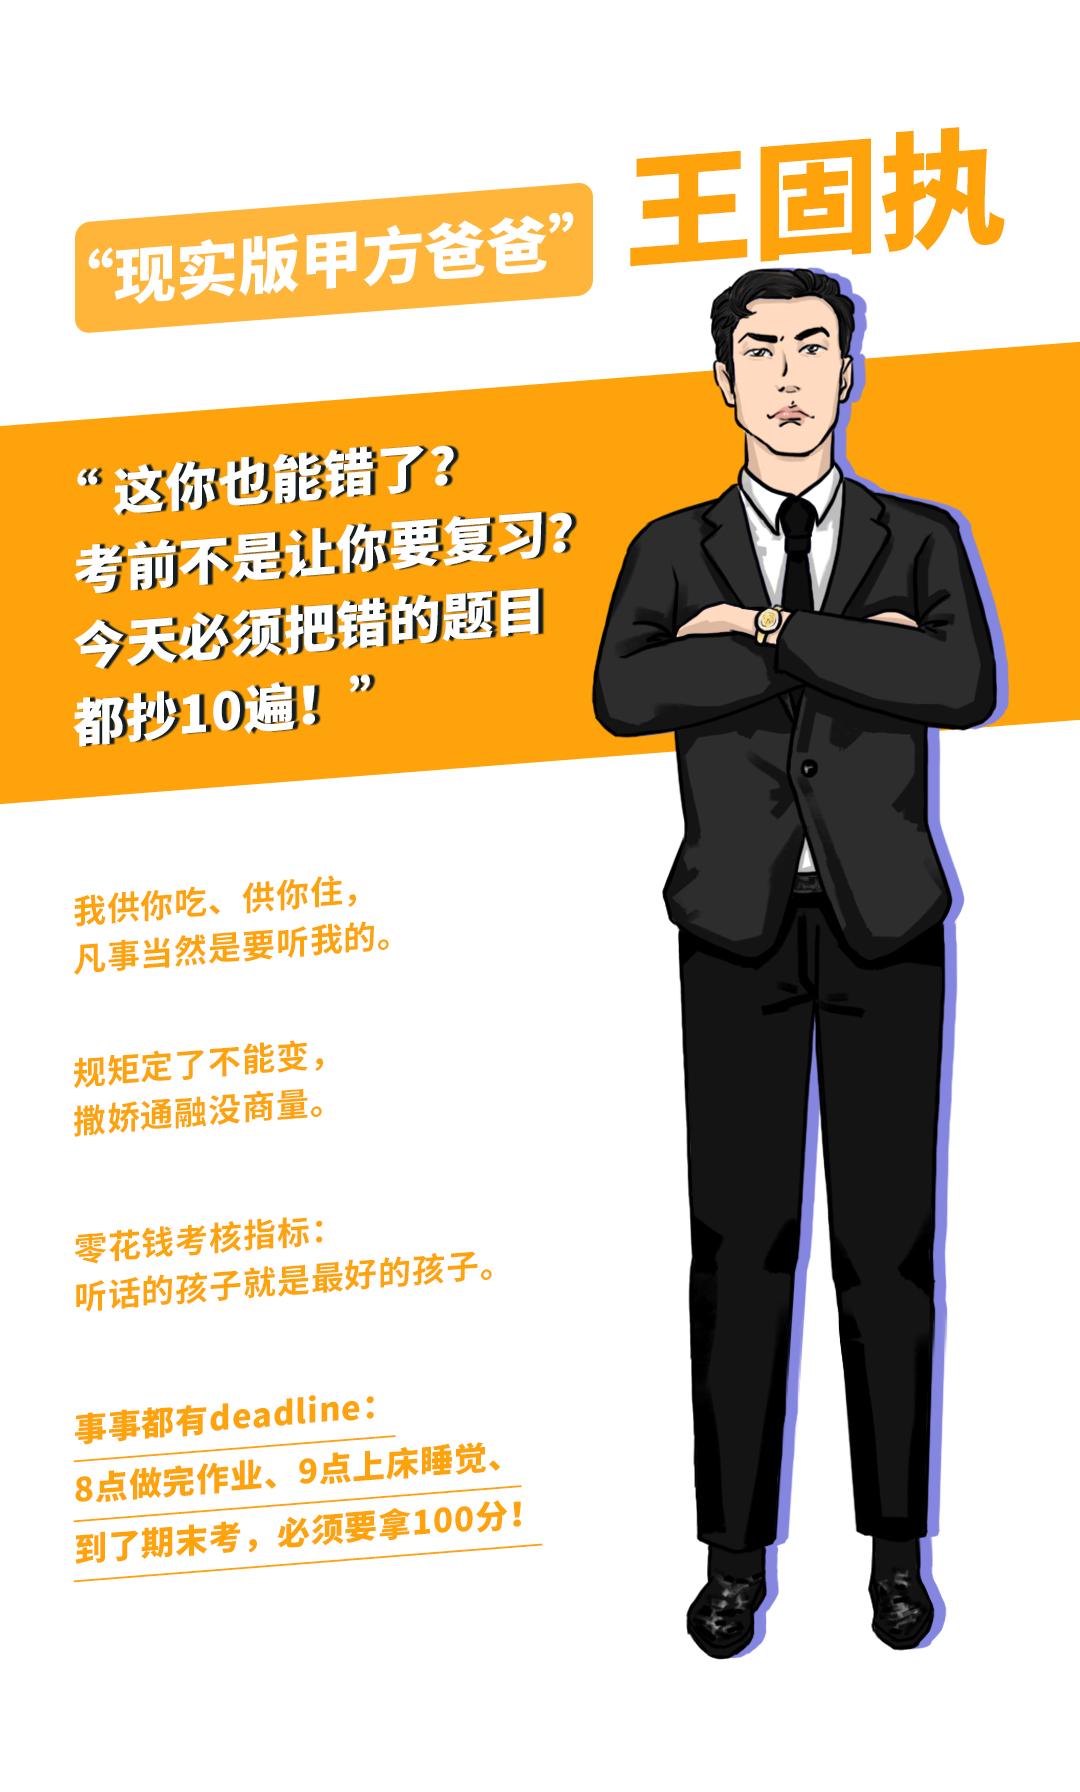 https://level8cases.oss-cn-hangzhou.aliyuncs.com/gmt推文配图-11.20-2.0_04-af1ef400-2142-425e-8ea7-1bcc64e99fa5.jpg